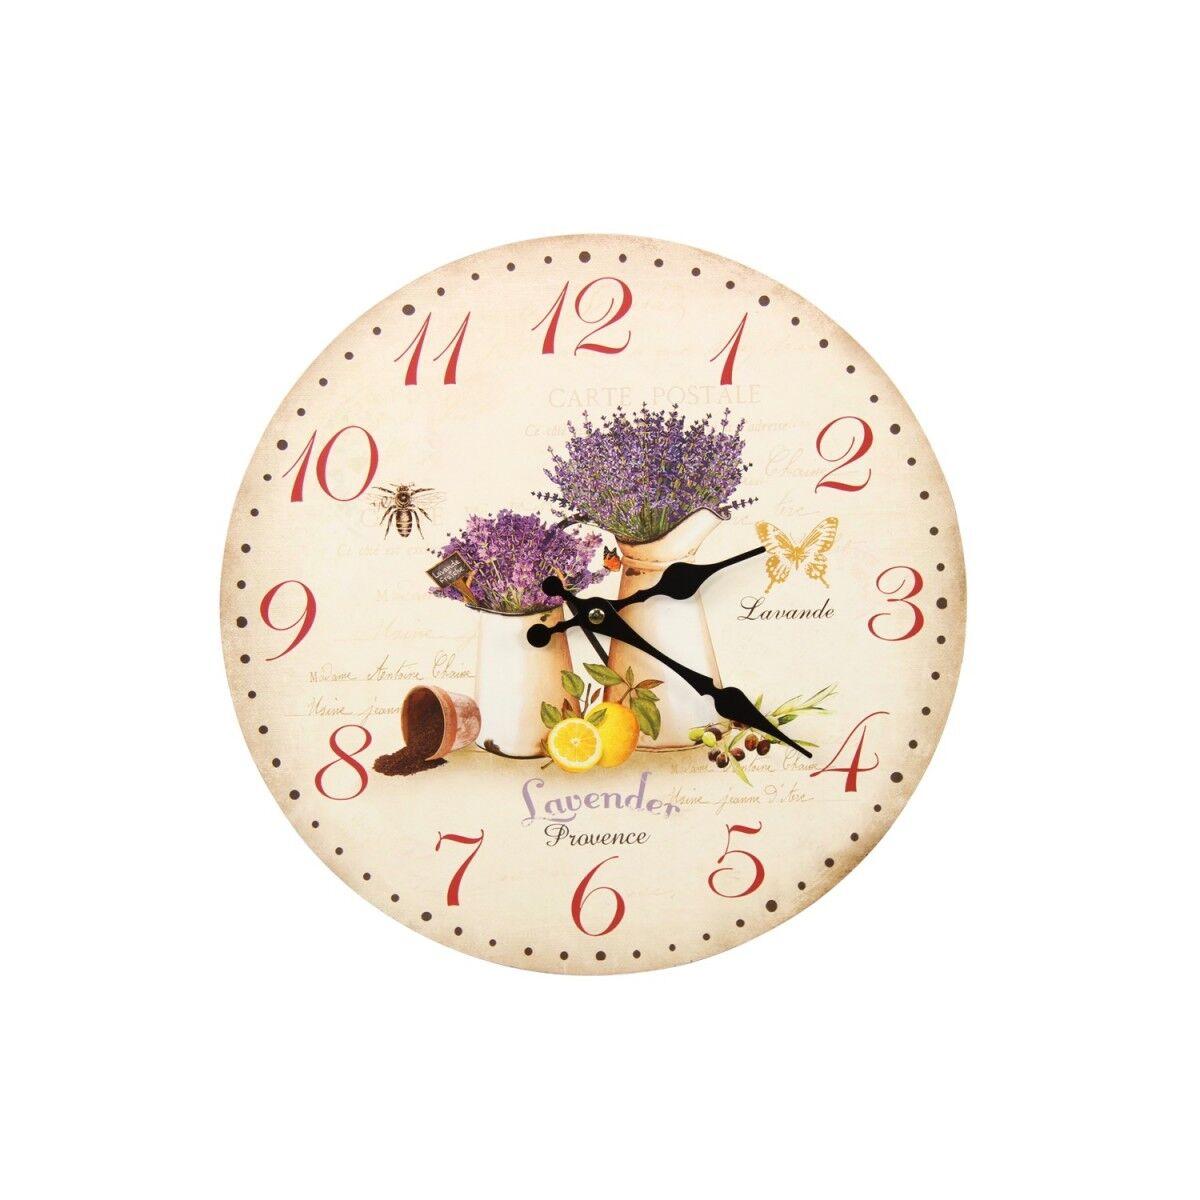 Décoration d'Autrefois Horloge Ancienne Murale Lavande Citron 34cm - Bois - Blanc